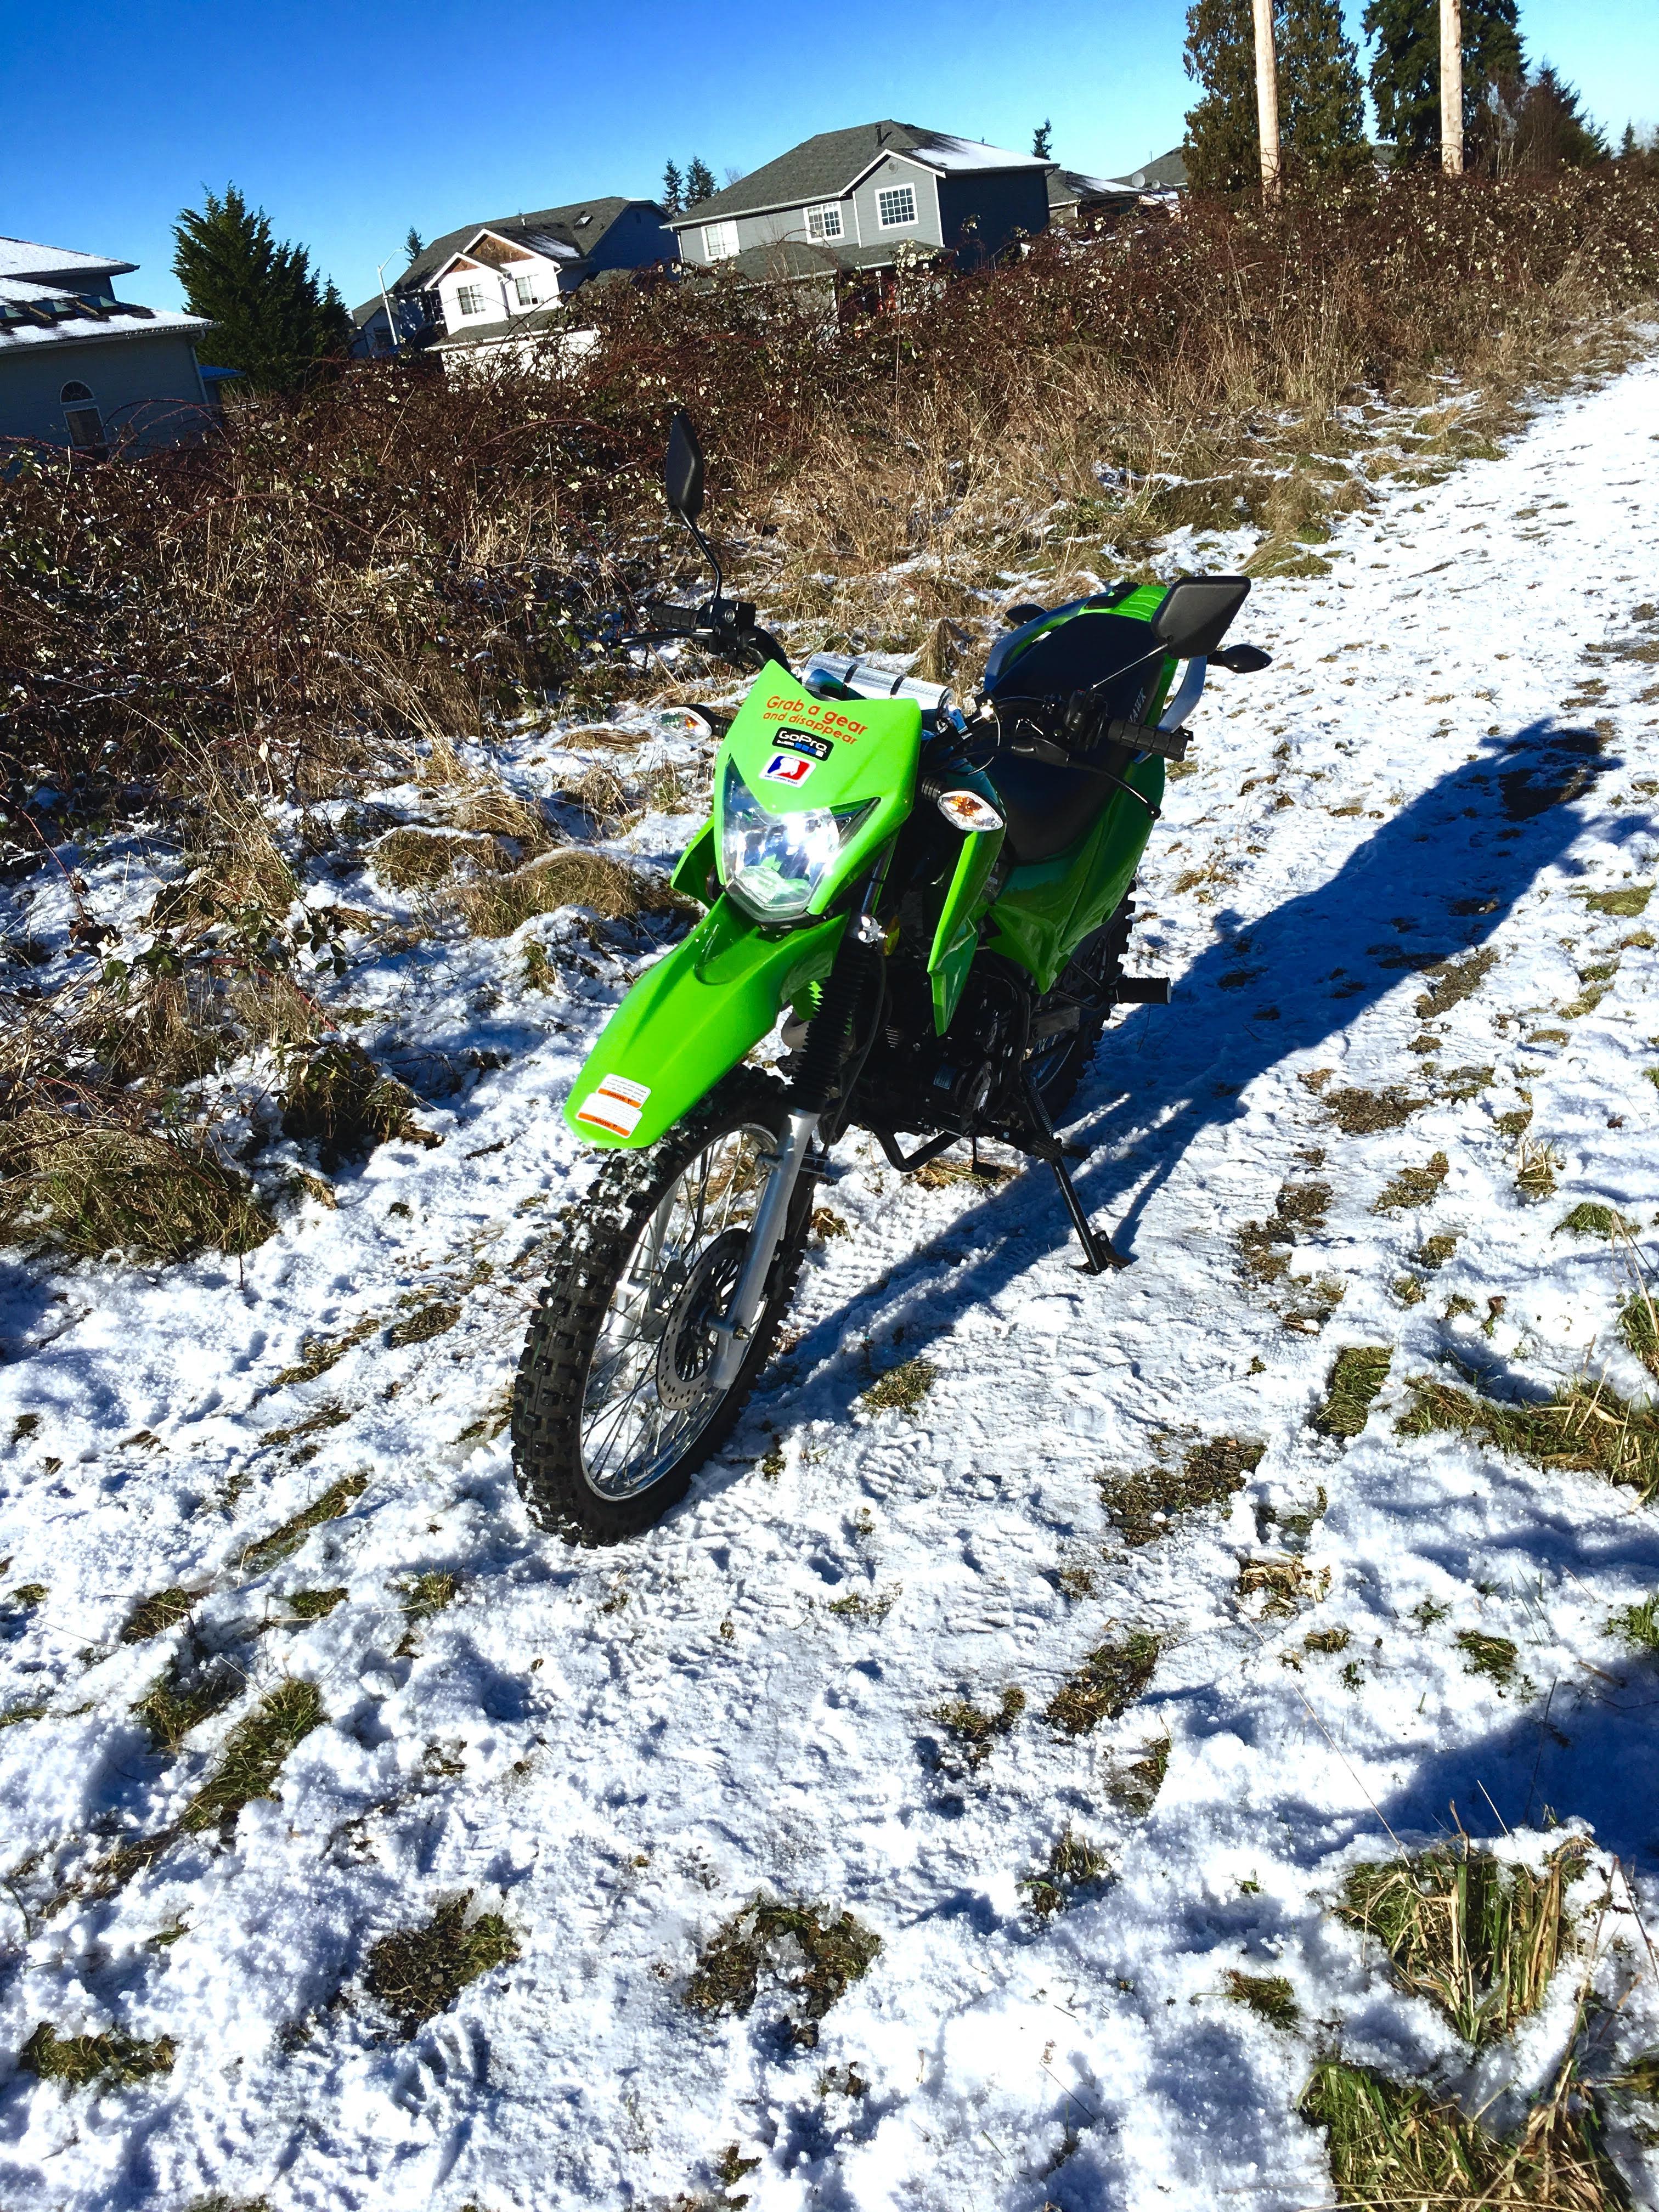 Hawk 250 Review Dual Sport Bike from Derek